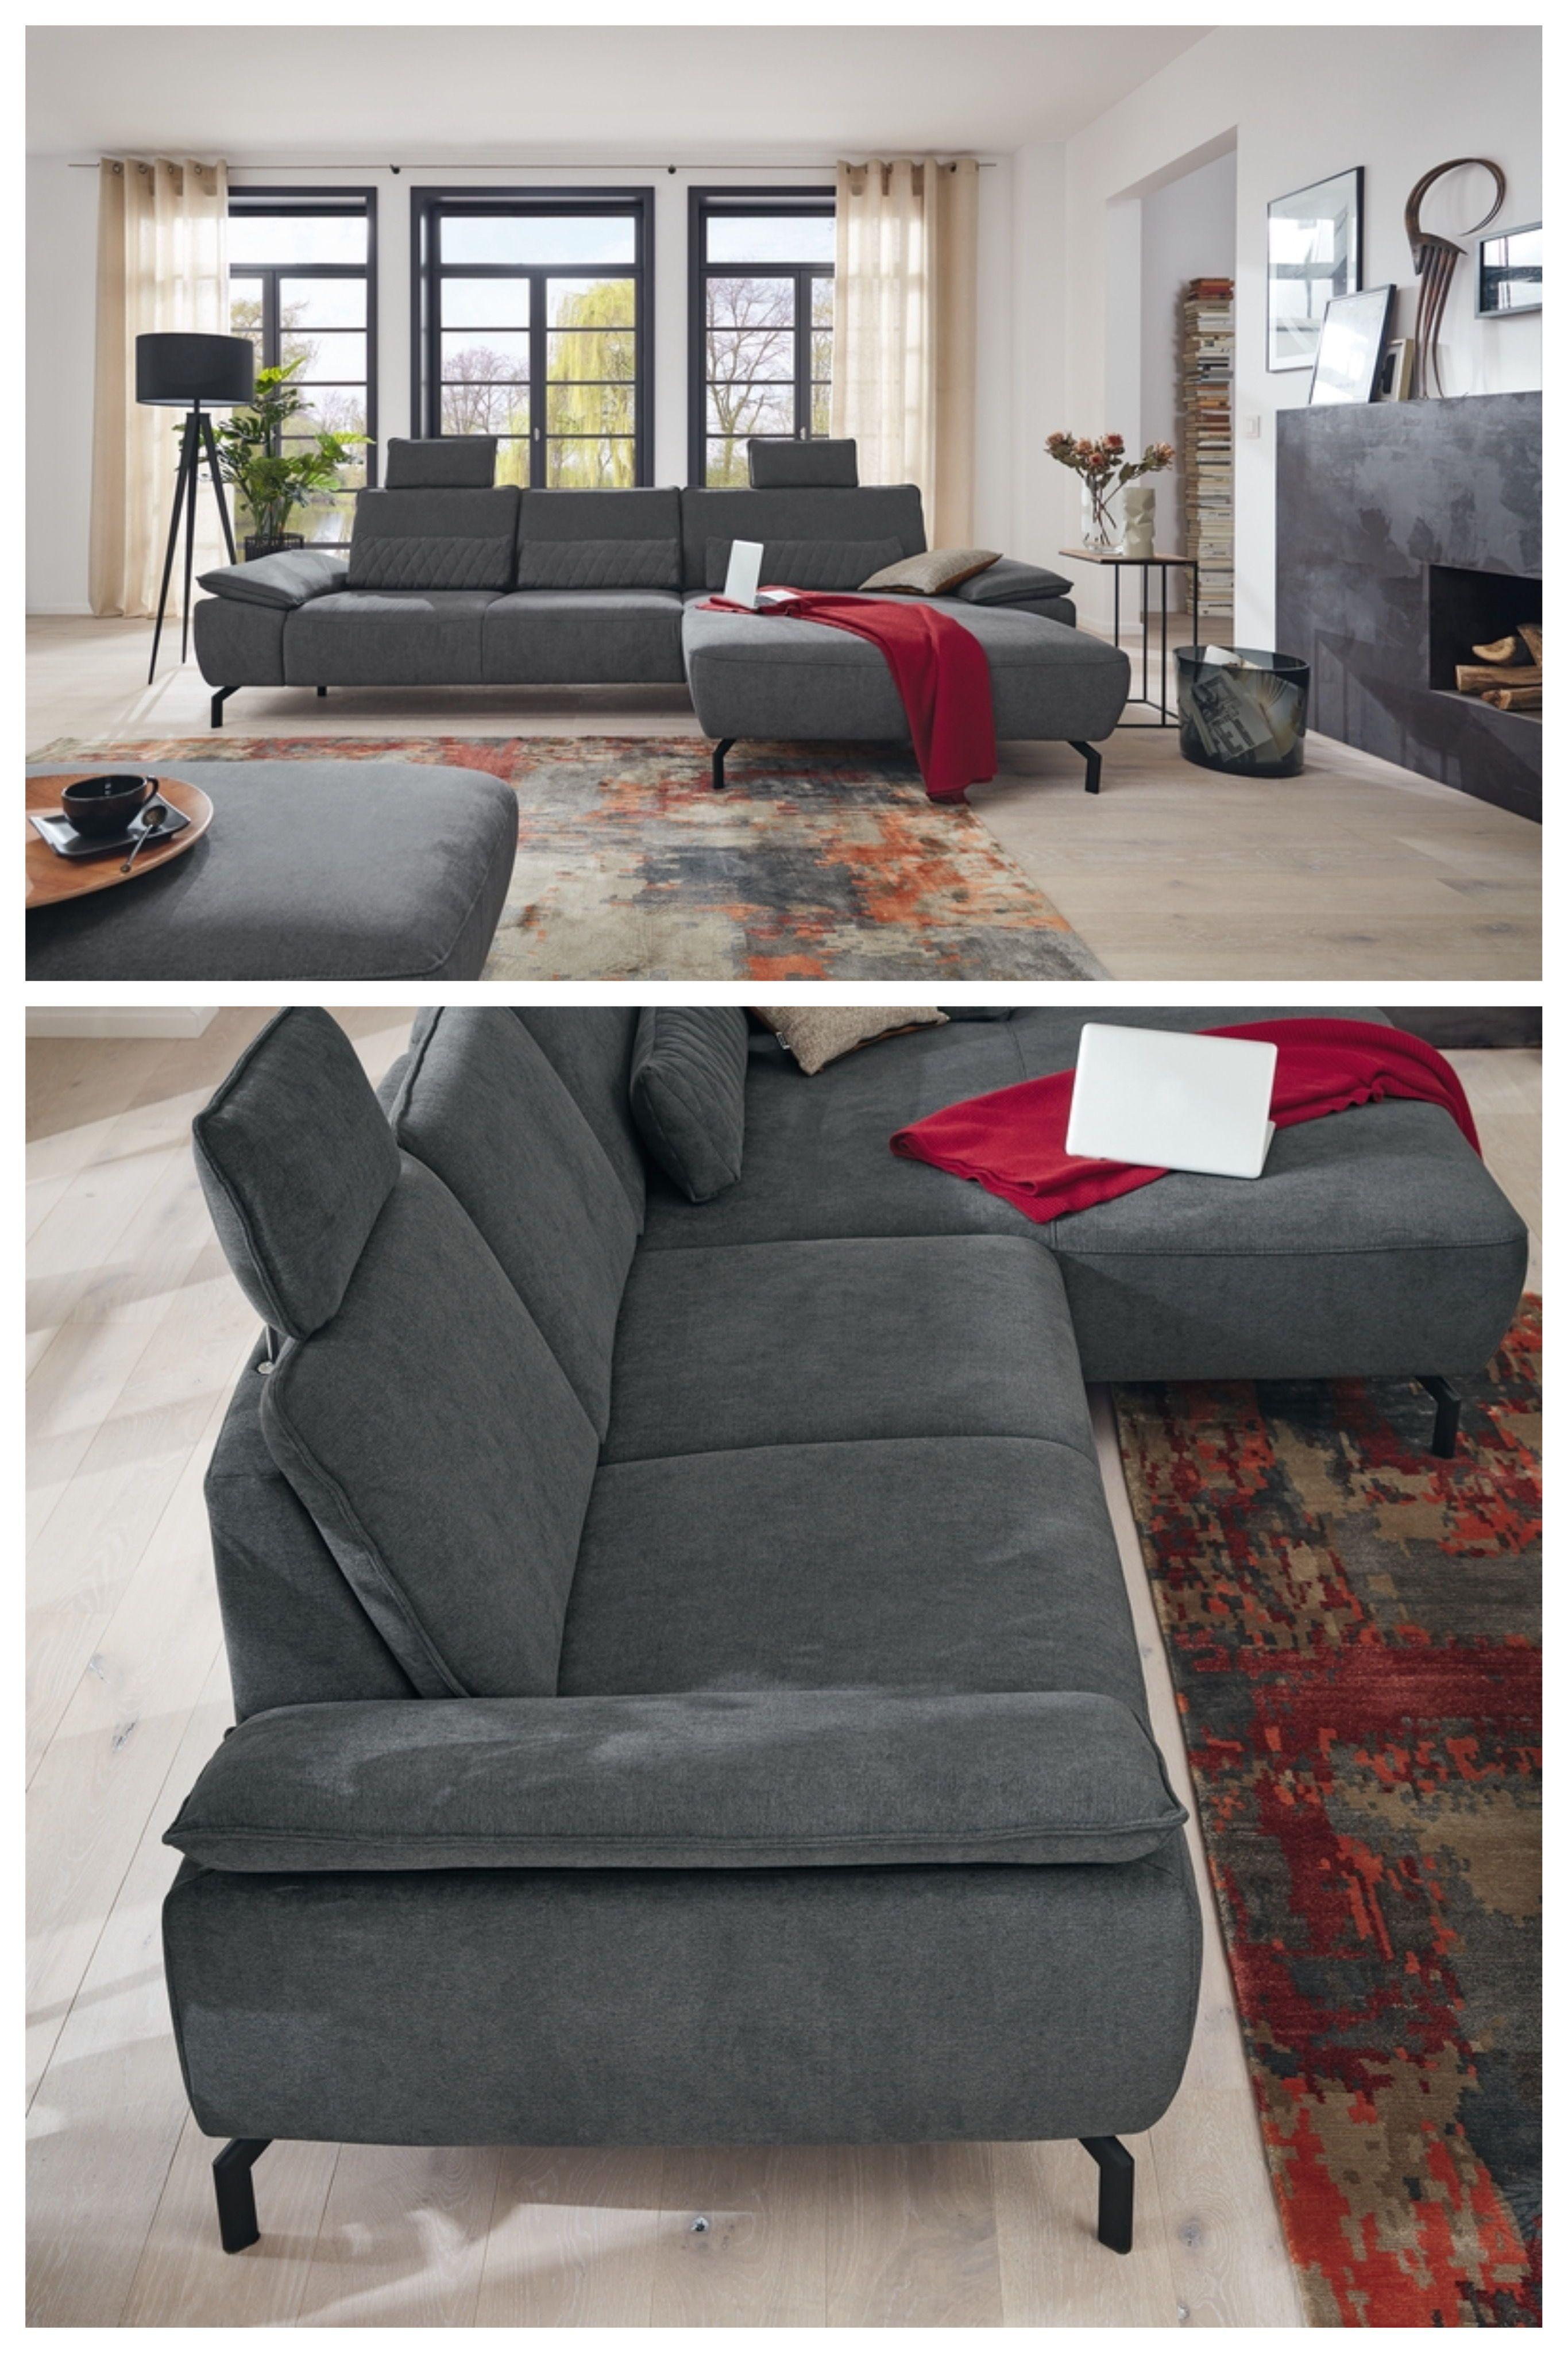 Das Perfekte Sofa Mr 270 In 2020 Wohnzimmer Einrichten Wohnzimmereinrichtung Haus Deko